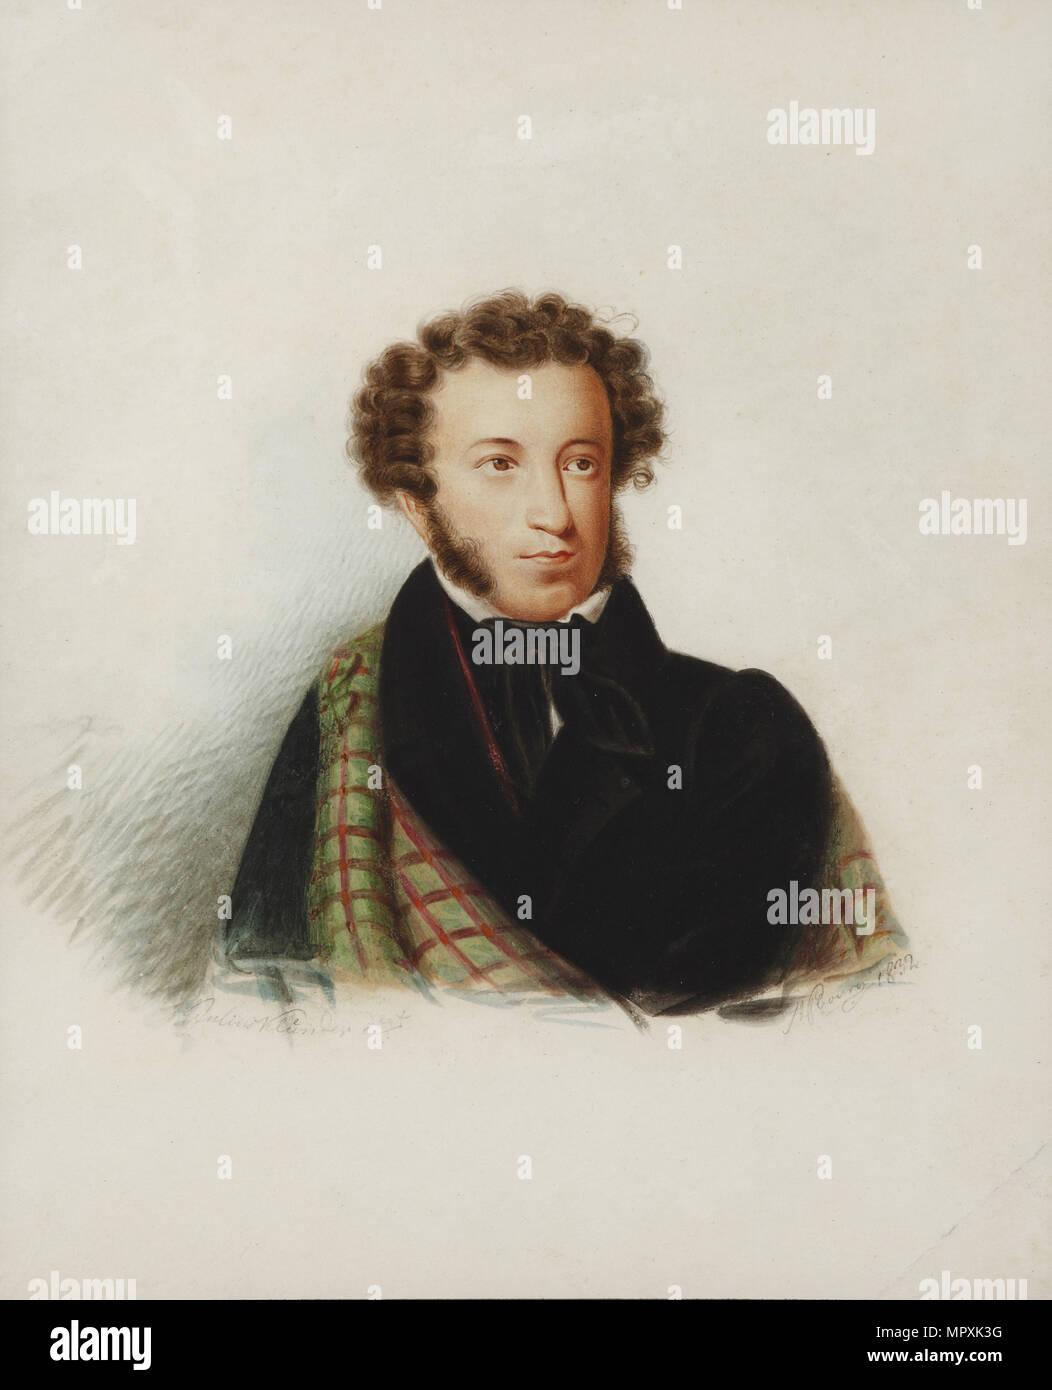 Where was Pushkin born 89